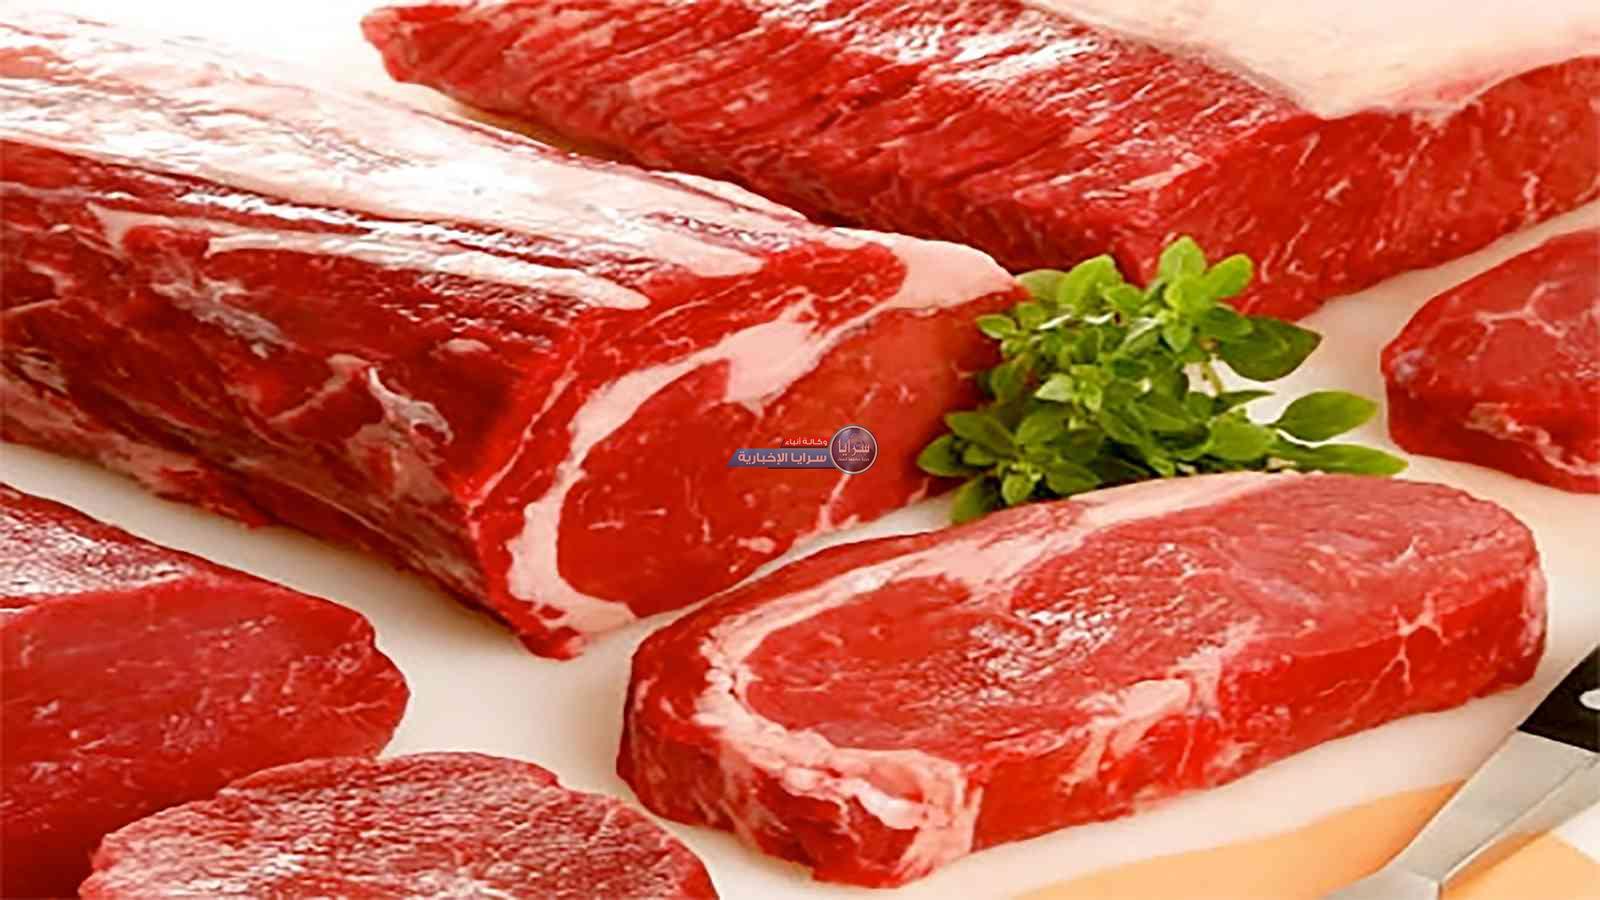 بهذه الطريقة البسيطة نقلّل من ضرر اللحوم الحمراء